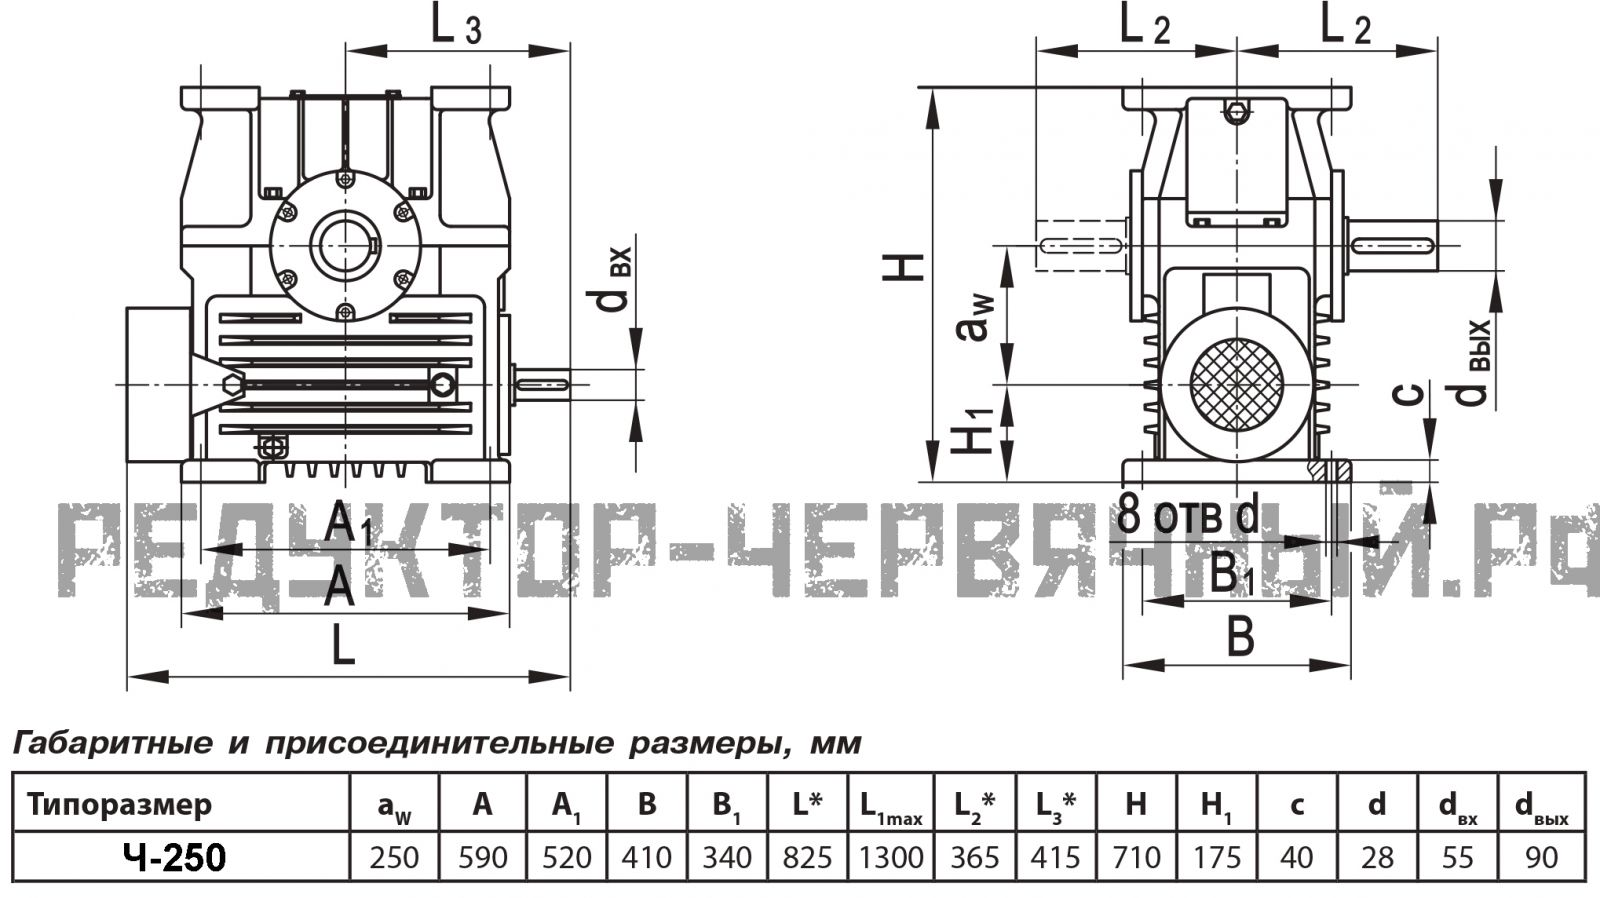 Чертеж червячного редуктора Ч 250